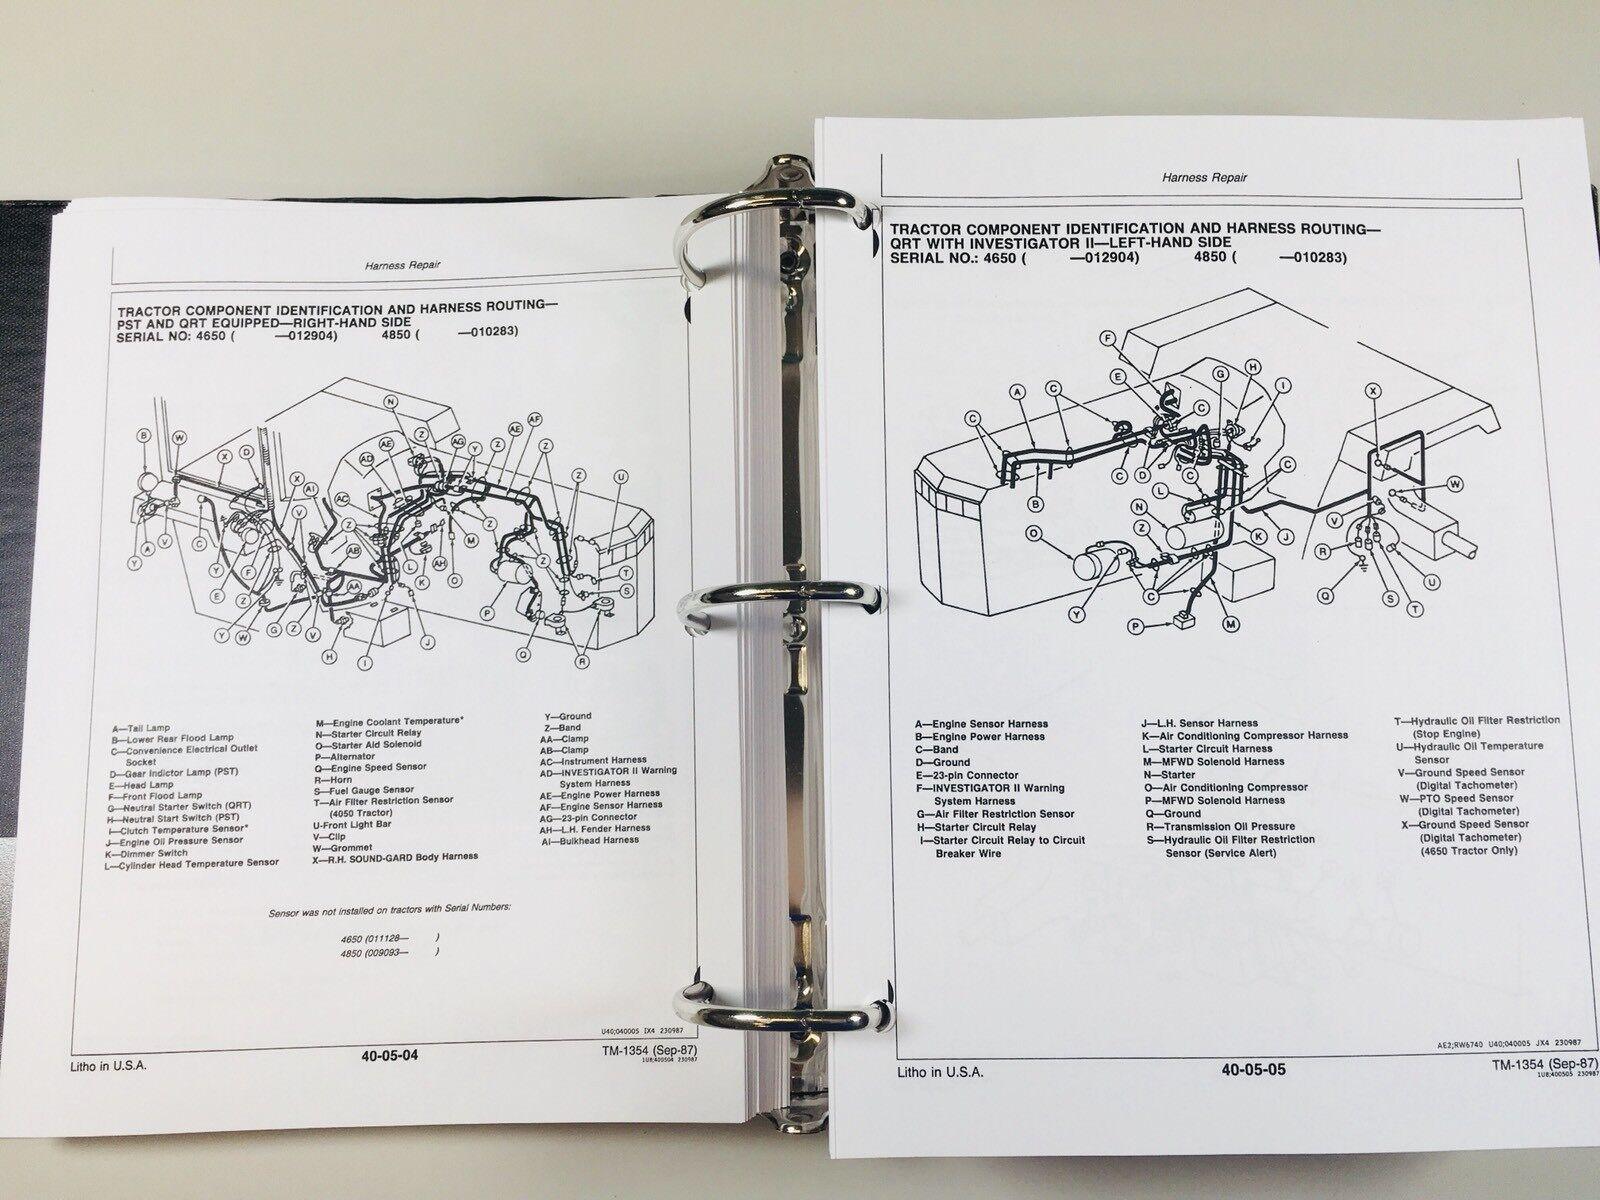 4650 Wiring Diagram - All Diagram Schematics